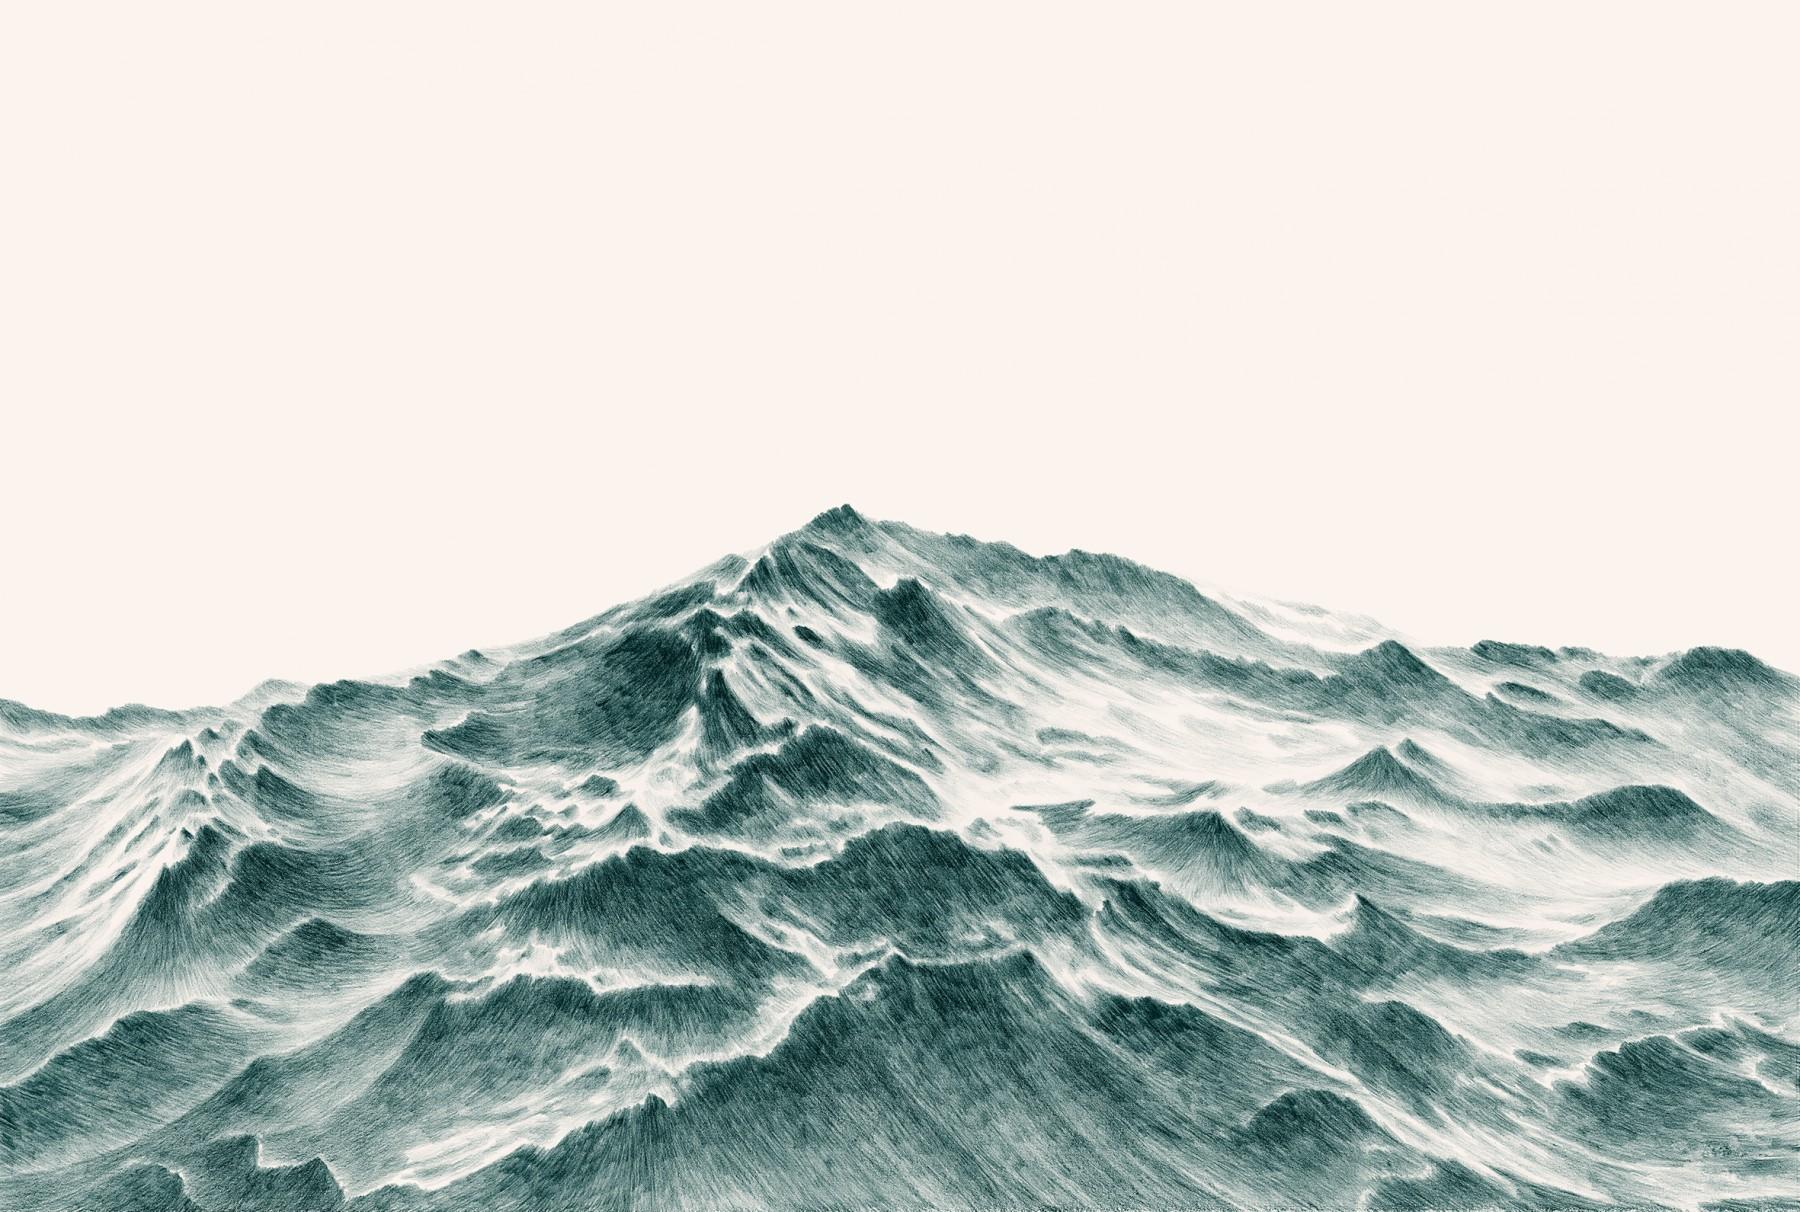 Ce qu'on entend depuis la montagne